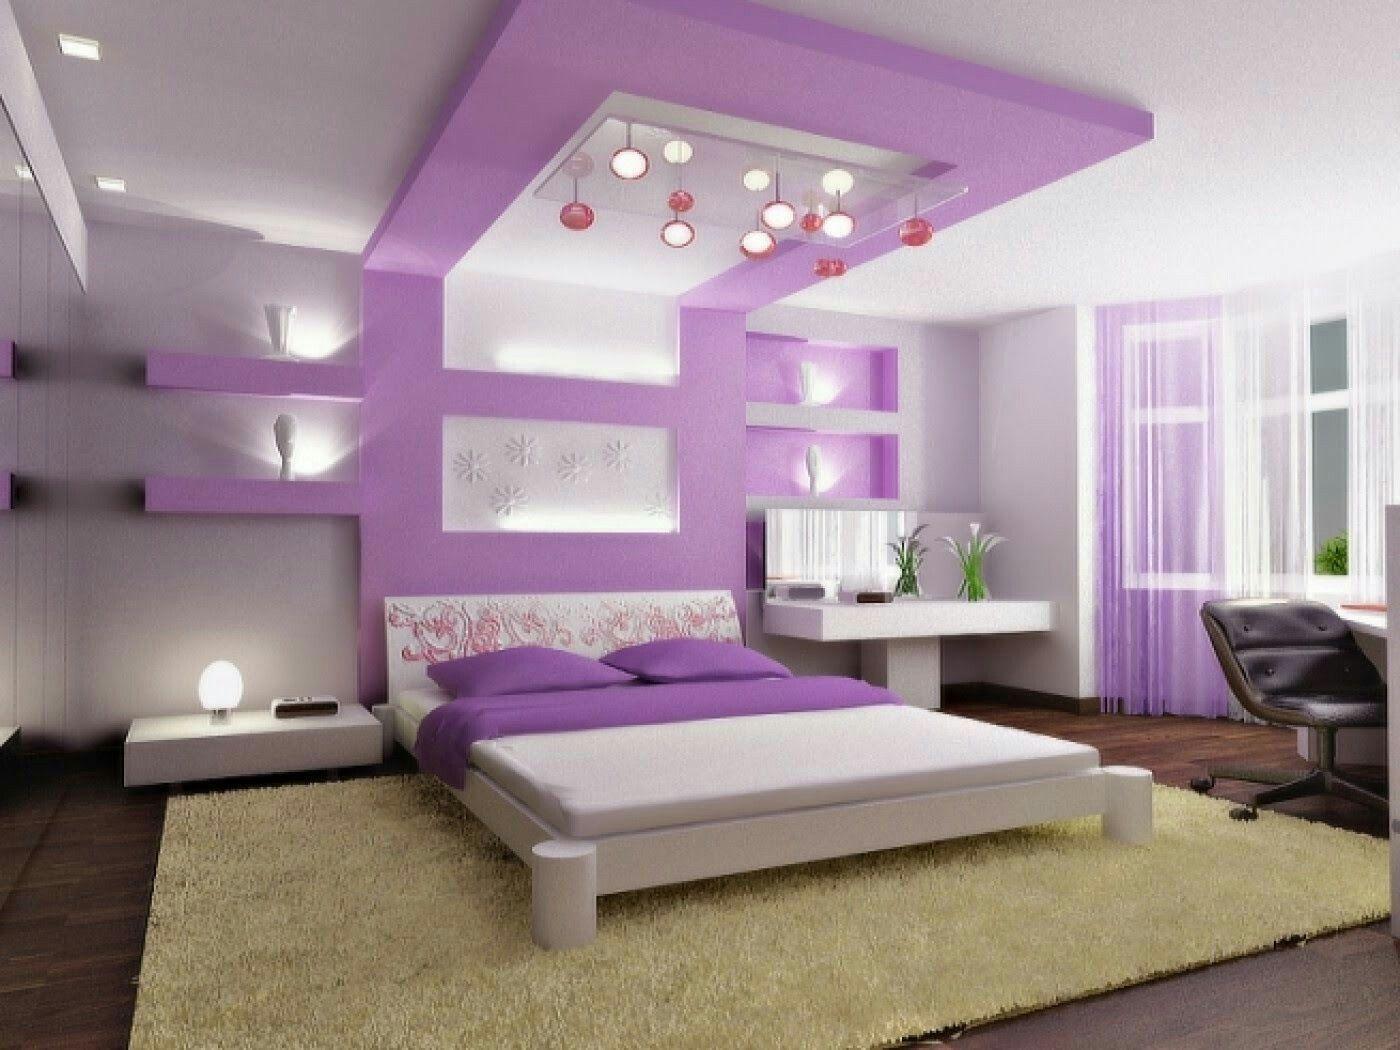 Modernes schlafzimmer lila  Pin von Jessica auf Decoración de casa | Pinterest